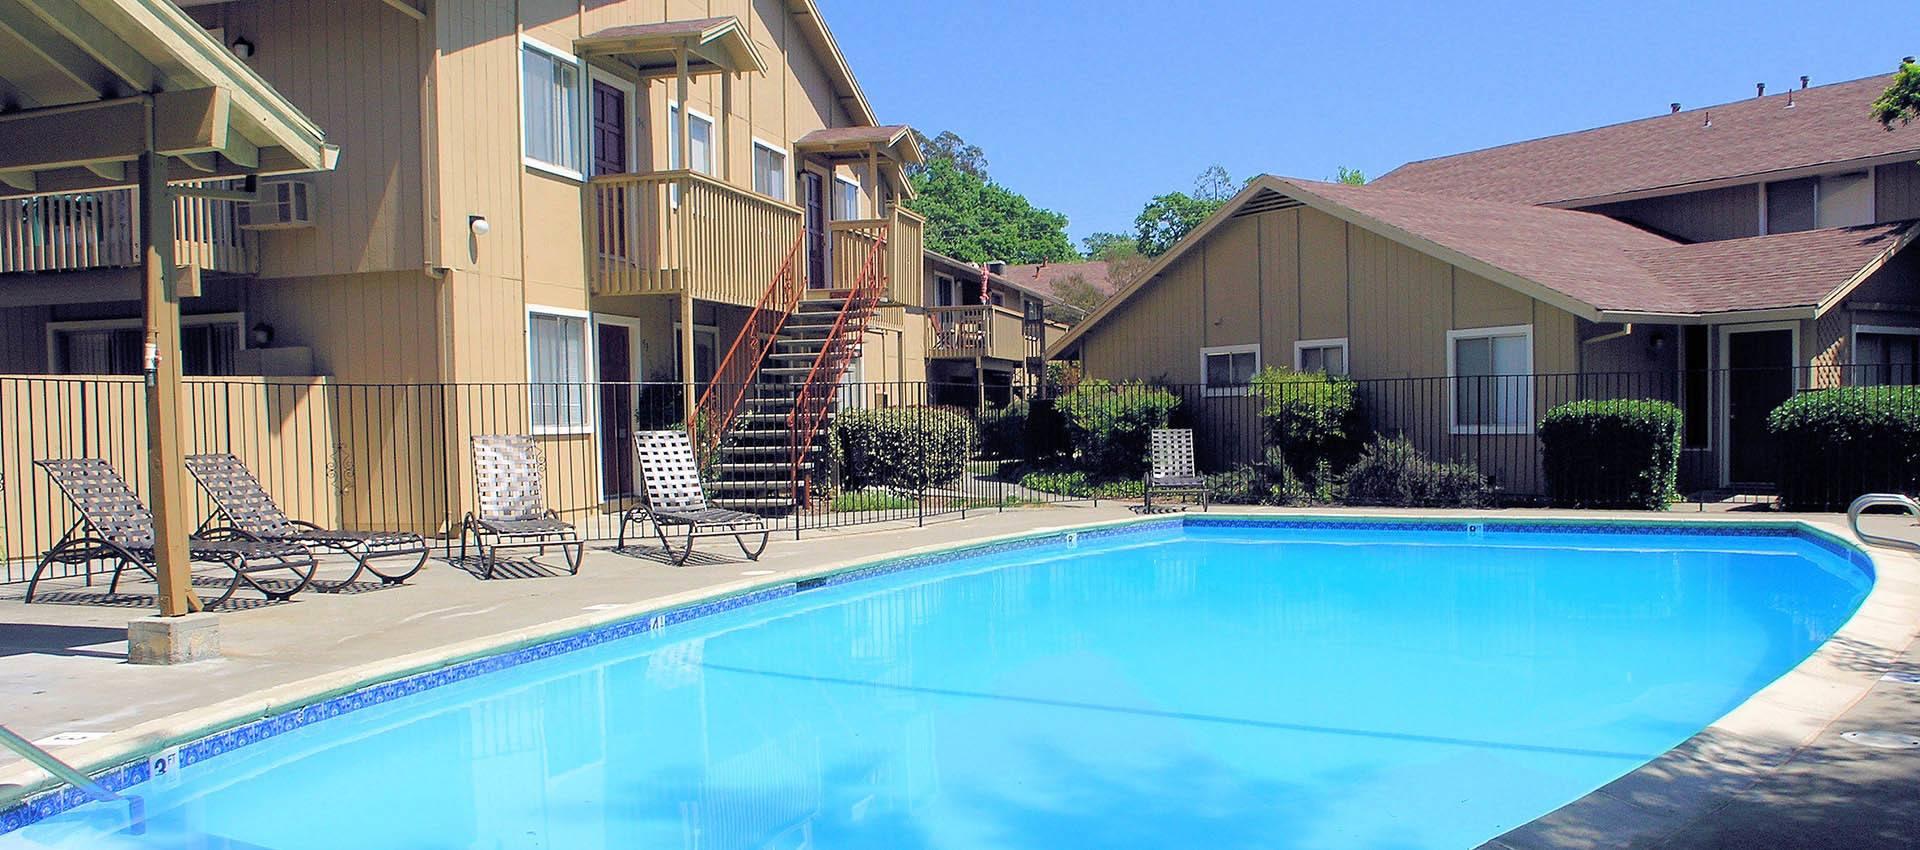 Outdoor pool at apartments in Santa Rosa, CA